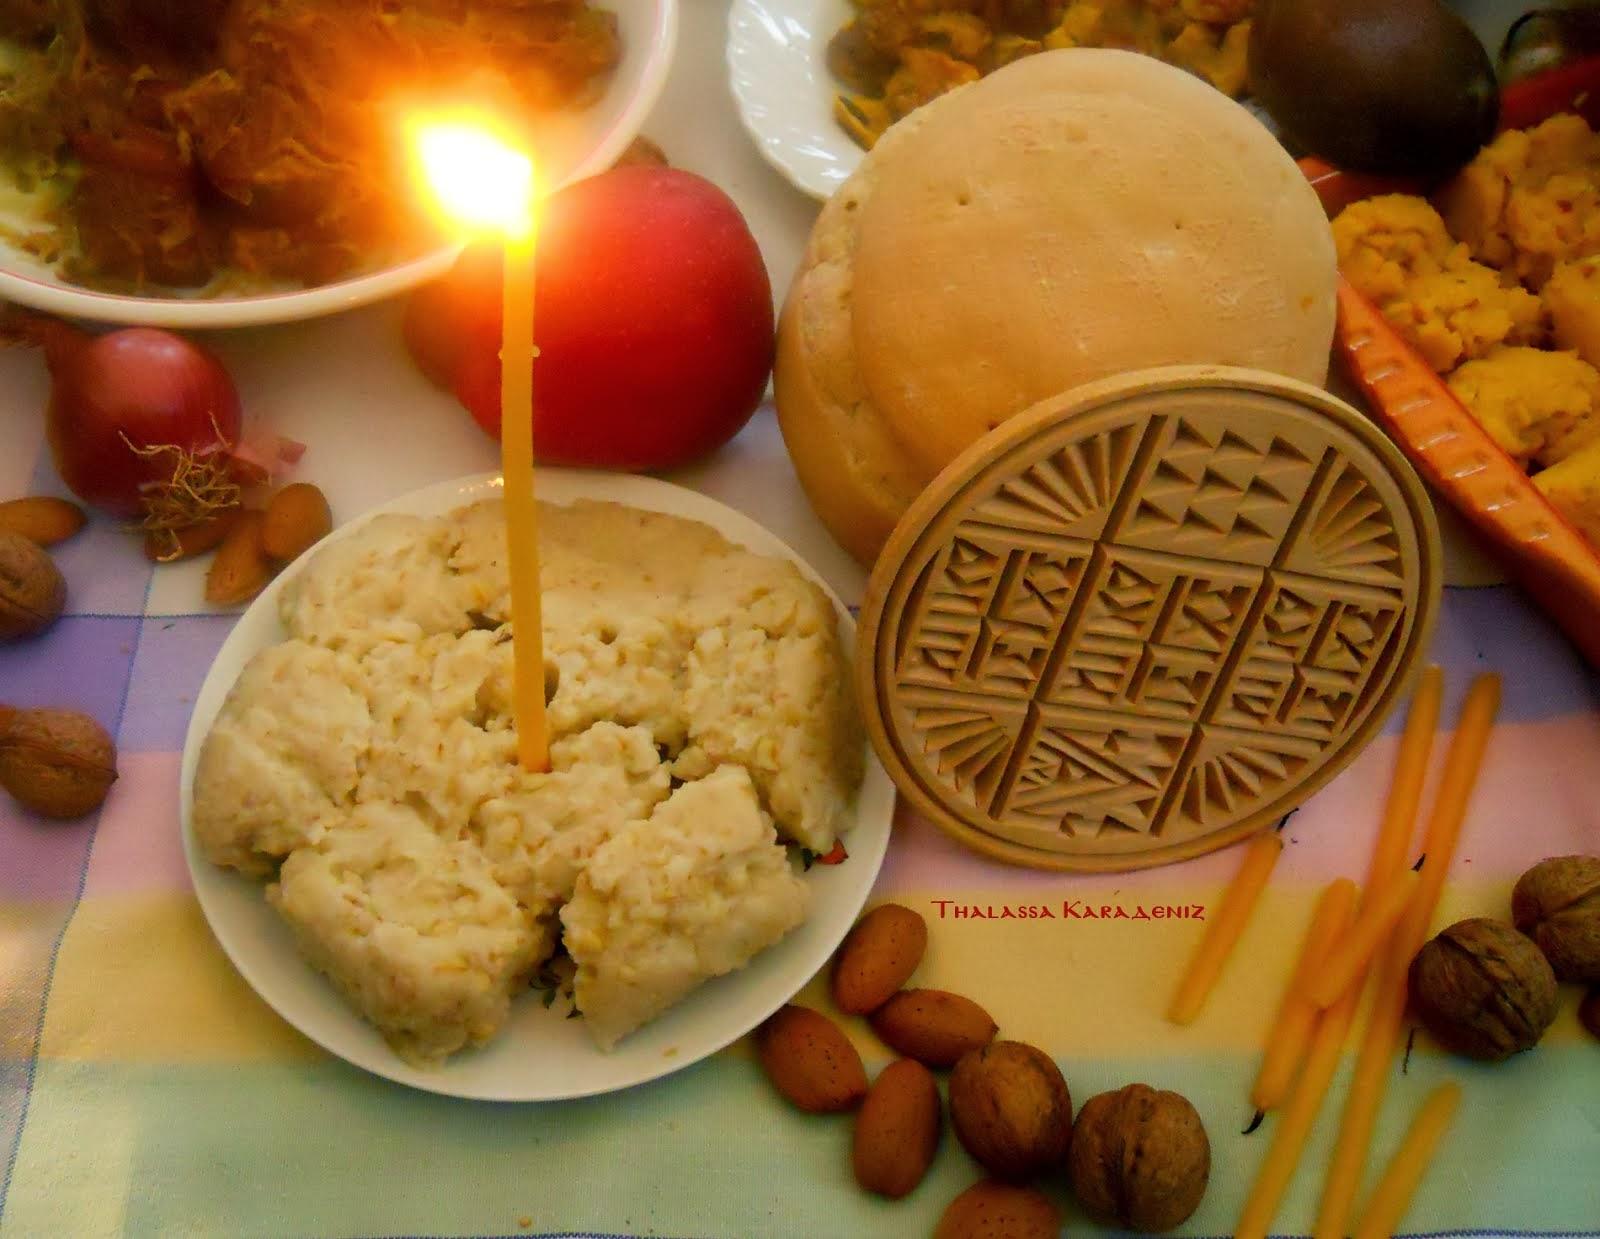 Καλωσορίσατε σε ένα παραδοσιακό γευστικό ταξίδι στα Χριστούγεννα της περιοχής Τρικάλων Θεσσαλίας.